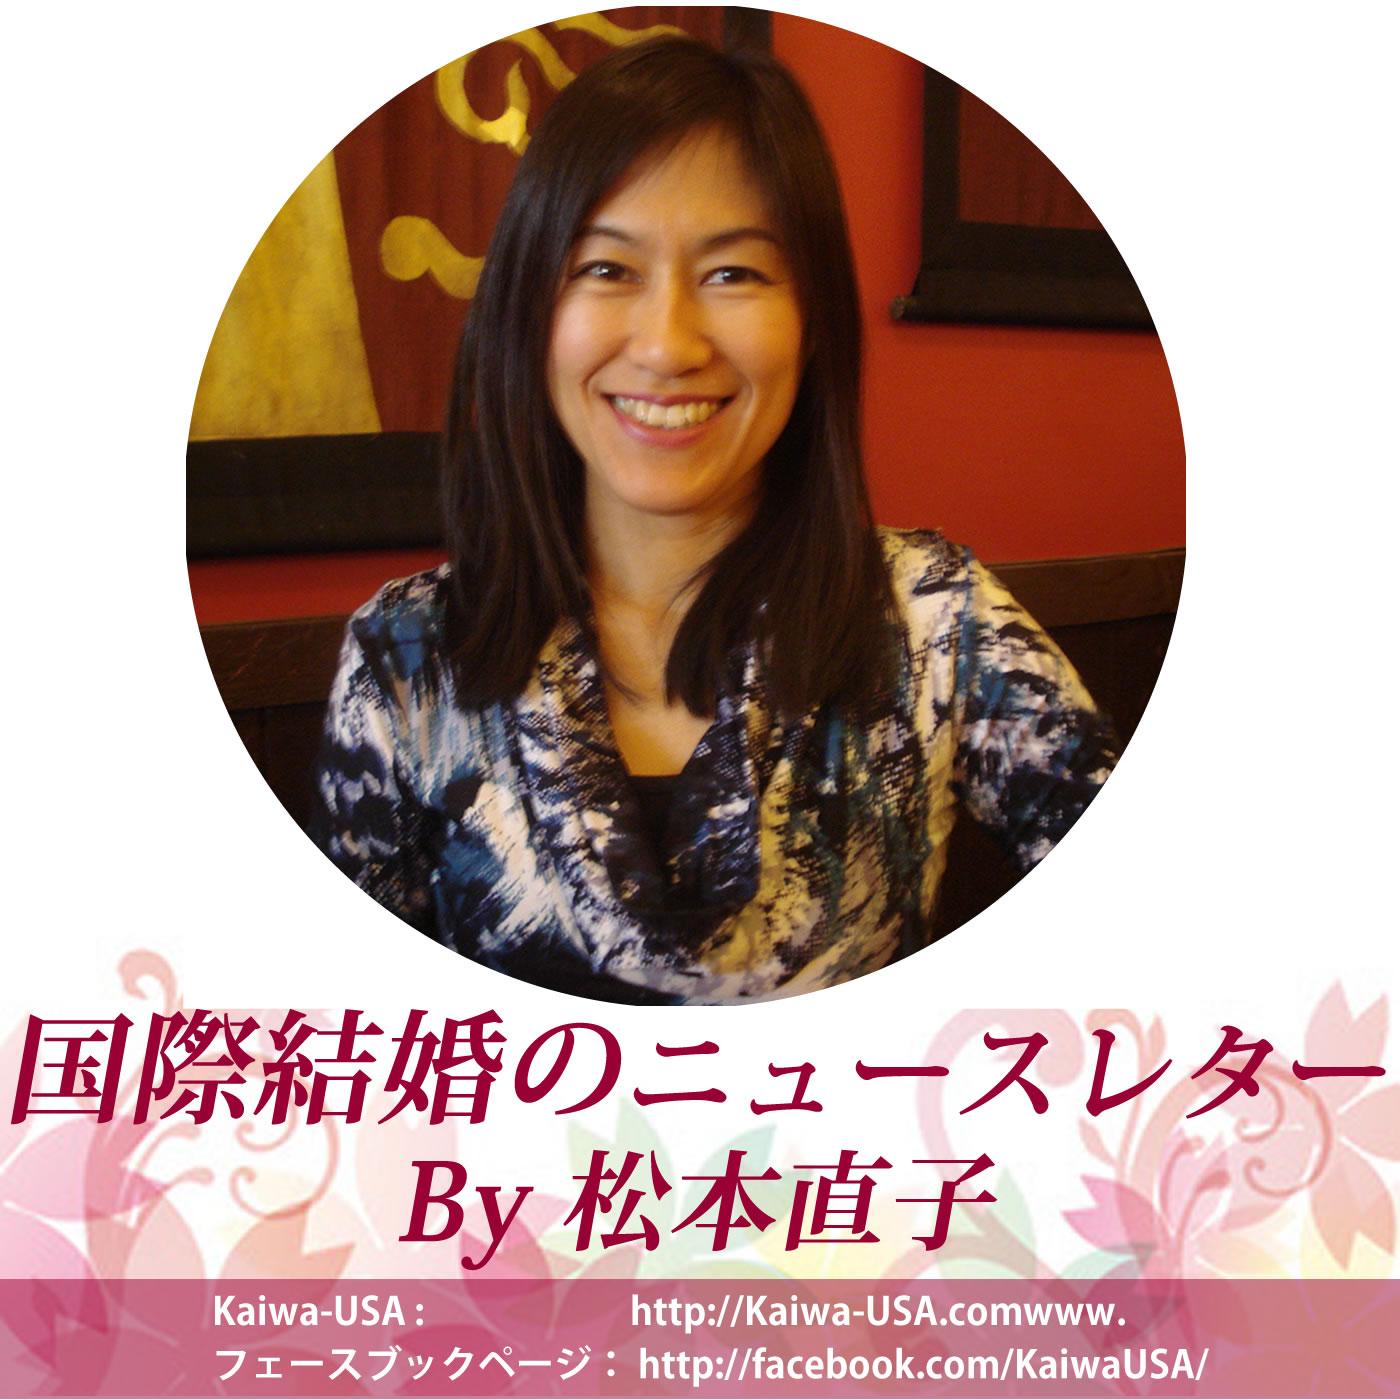 国際結婚のポッドキャスト by 松本直子